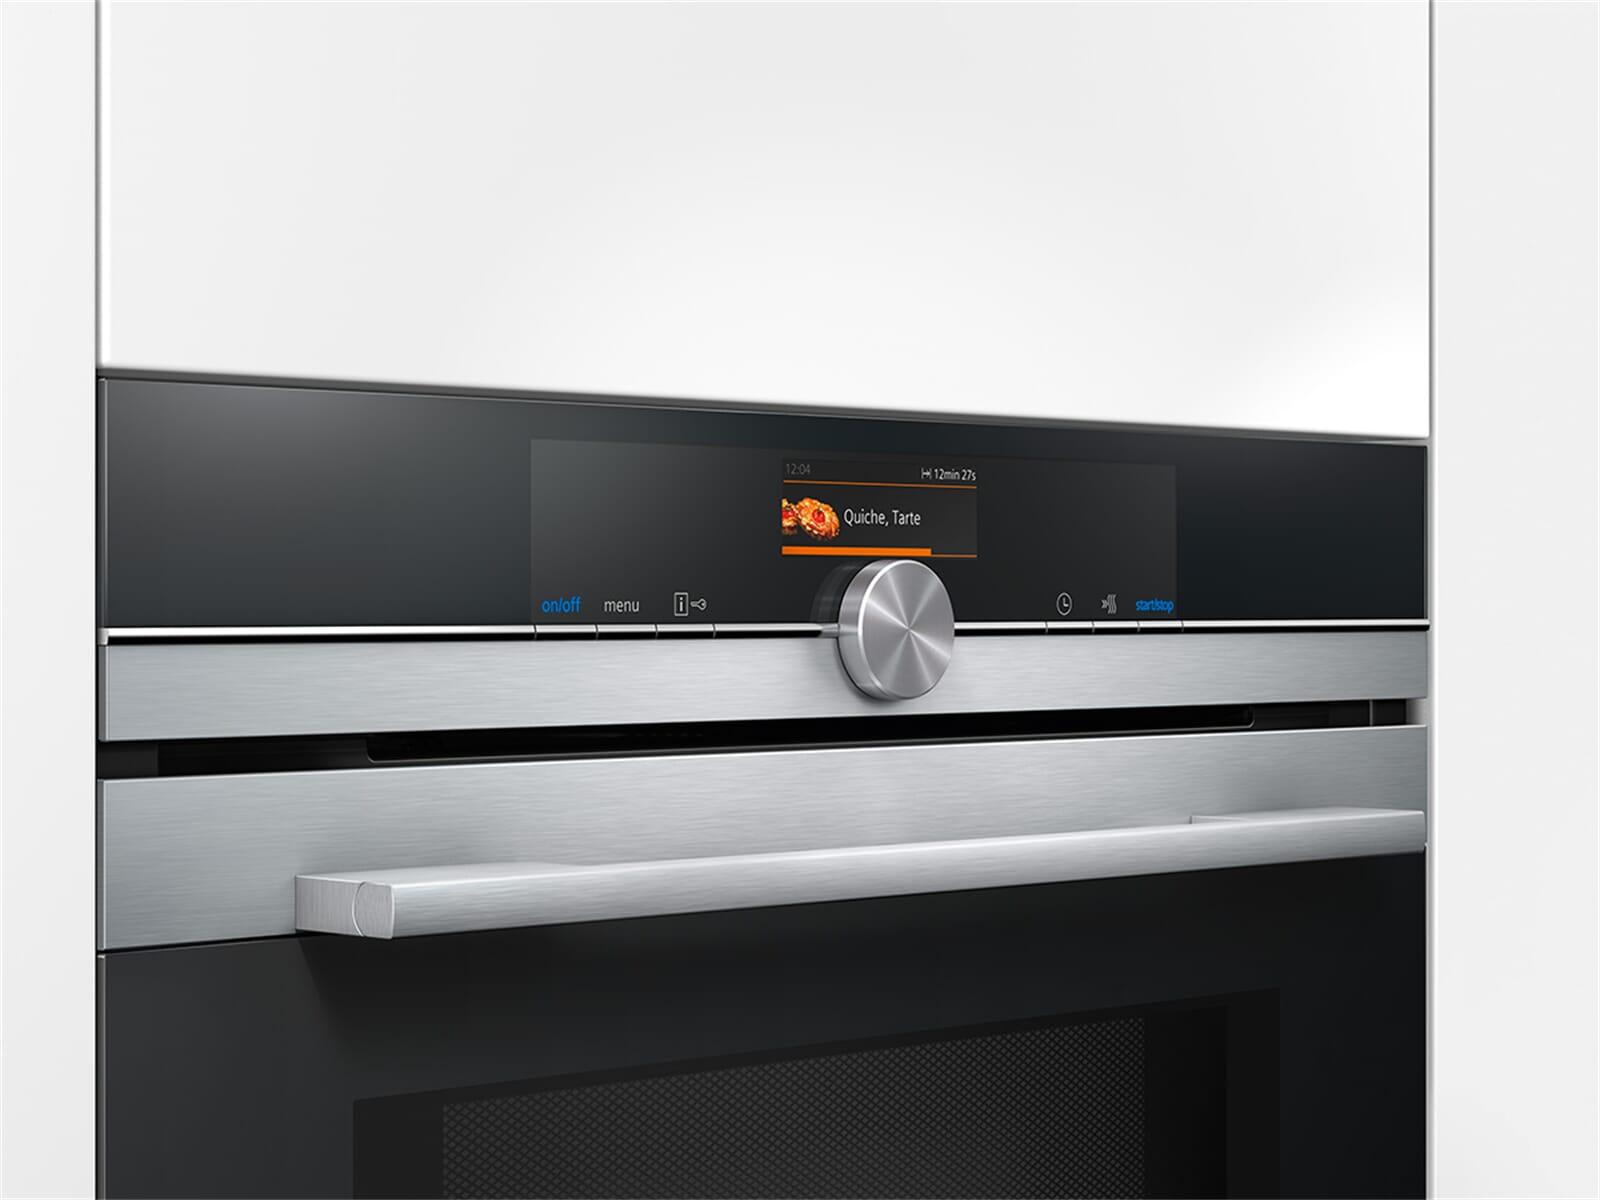 siemens cm636gns1 kompakt backofen mit mikrowelle edelstahl. Black Bedroom Furniture Sets. Home Design Ideas